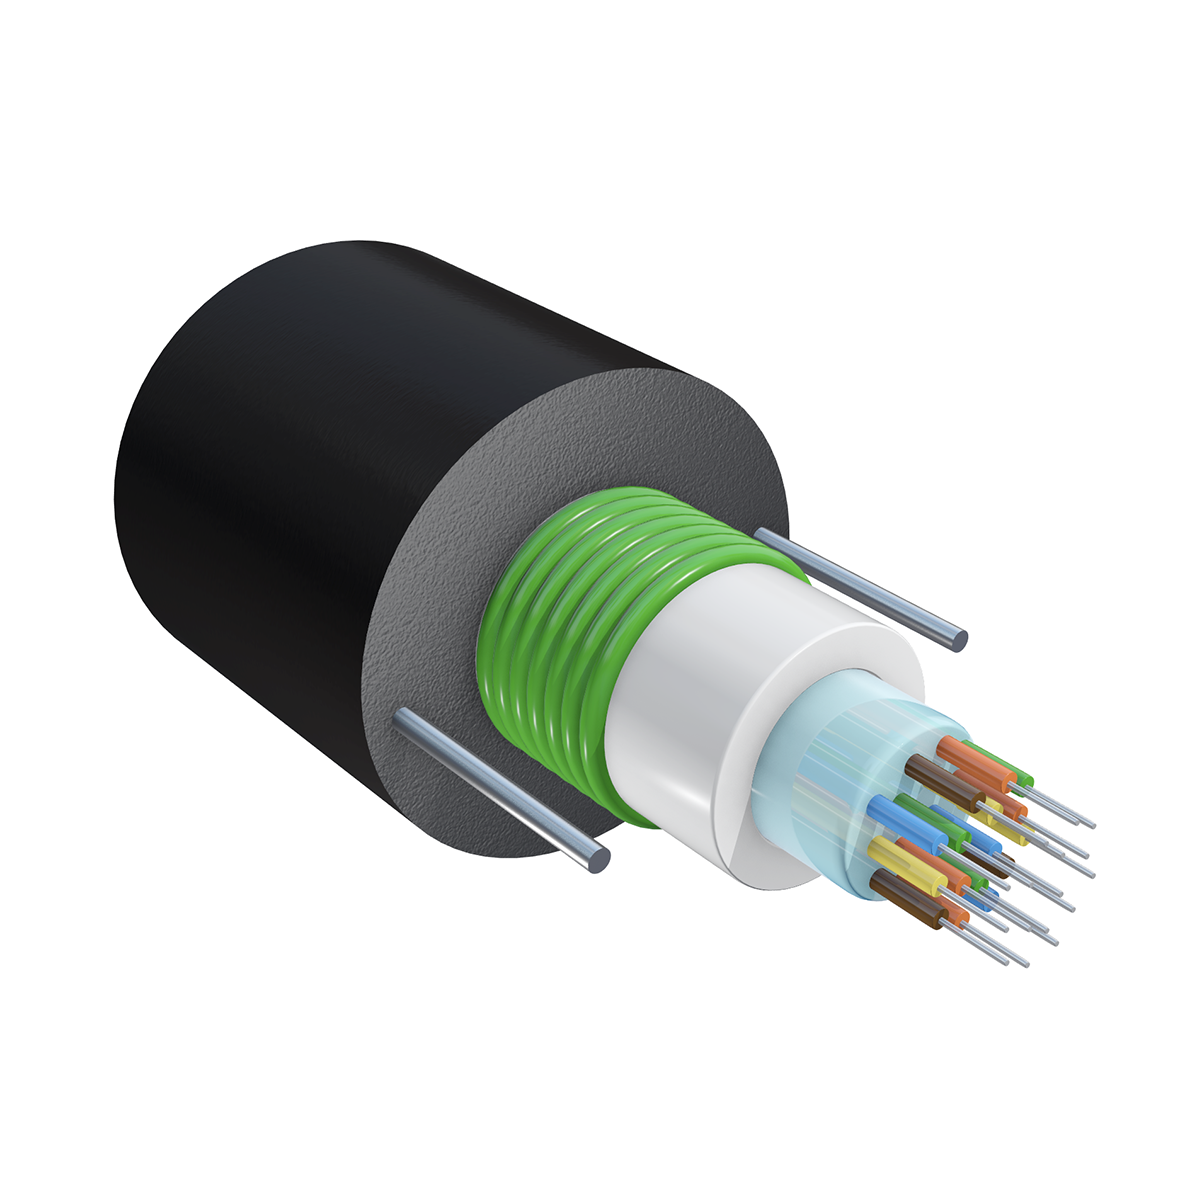 Кабель оптический SNR-FOCB-UT-0-16-C, волокно Corning SMF-28 Ultra